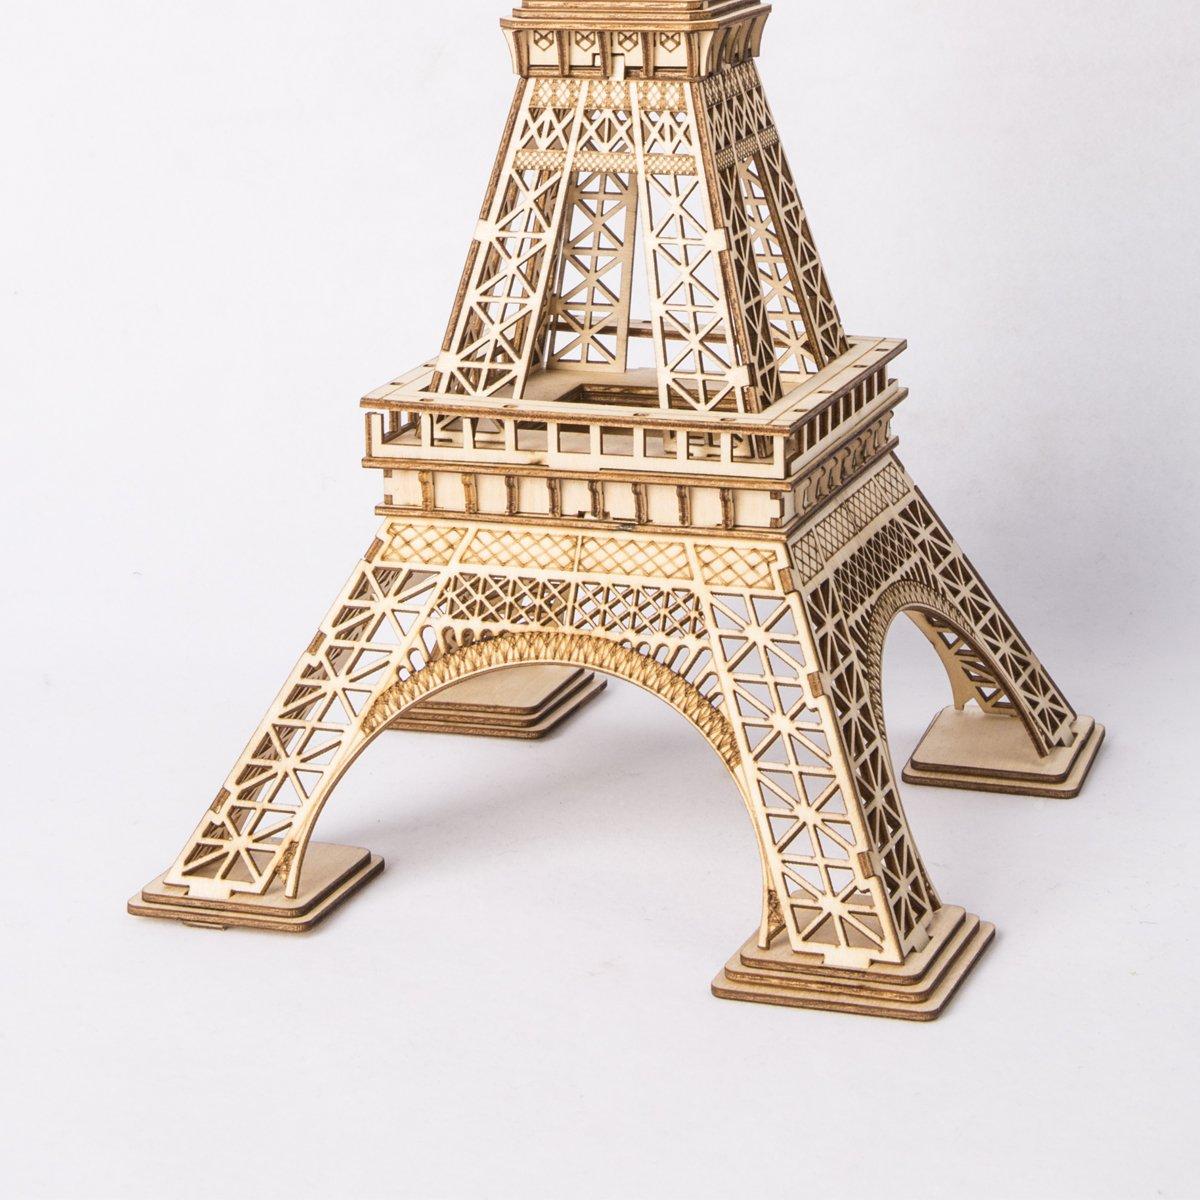 Airplane Rolife Woodcraft Construction Kit Puzzle en Bois 3D Cadeau de Jouet maquettes en Bois pour Enfants Adultes